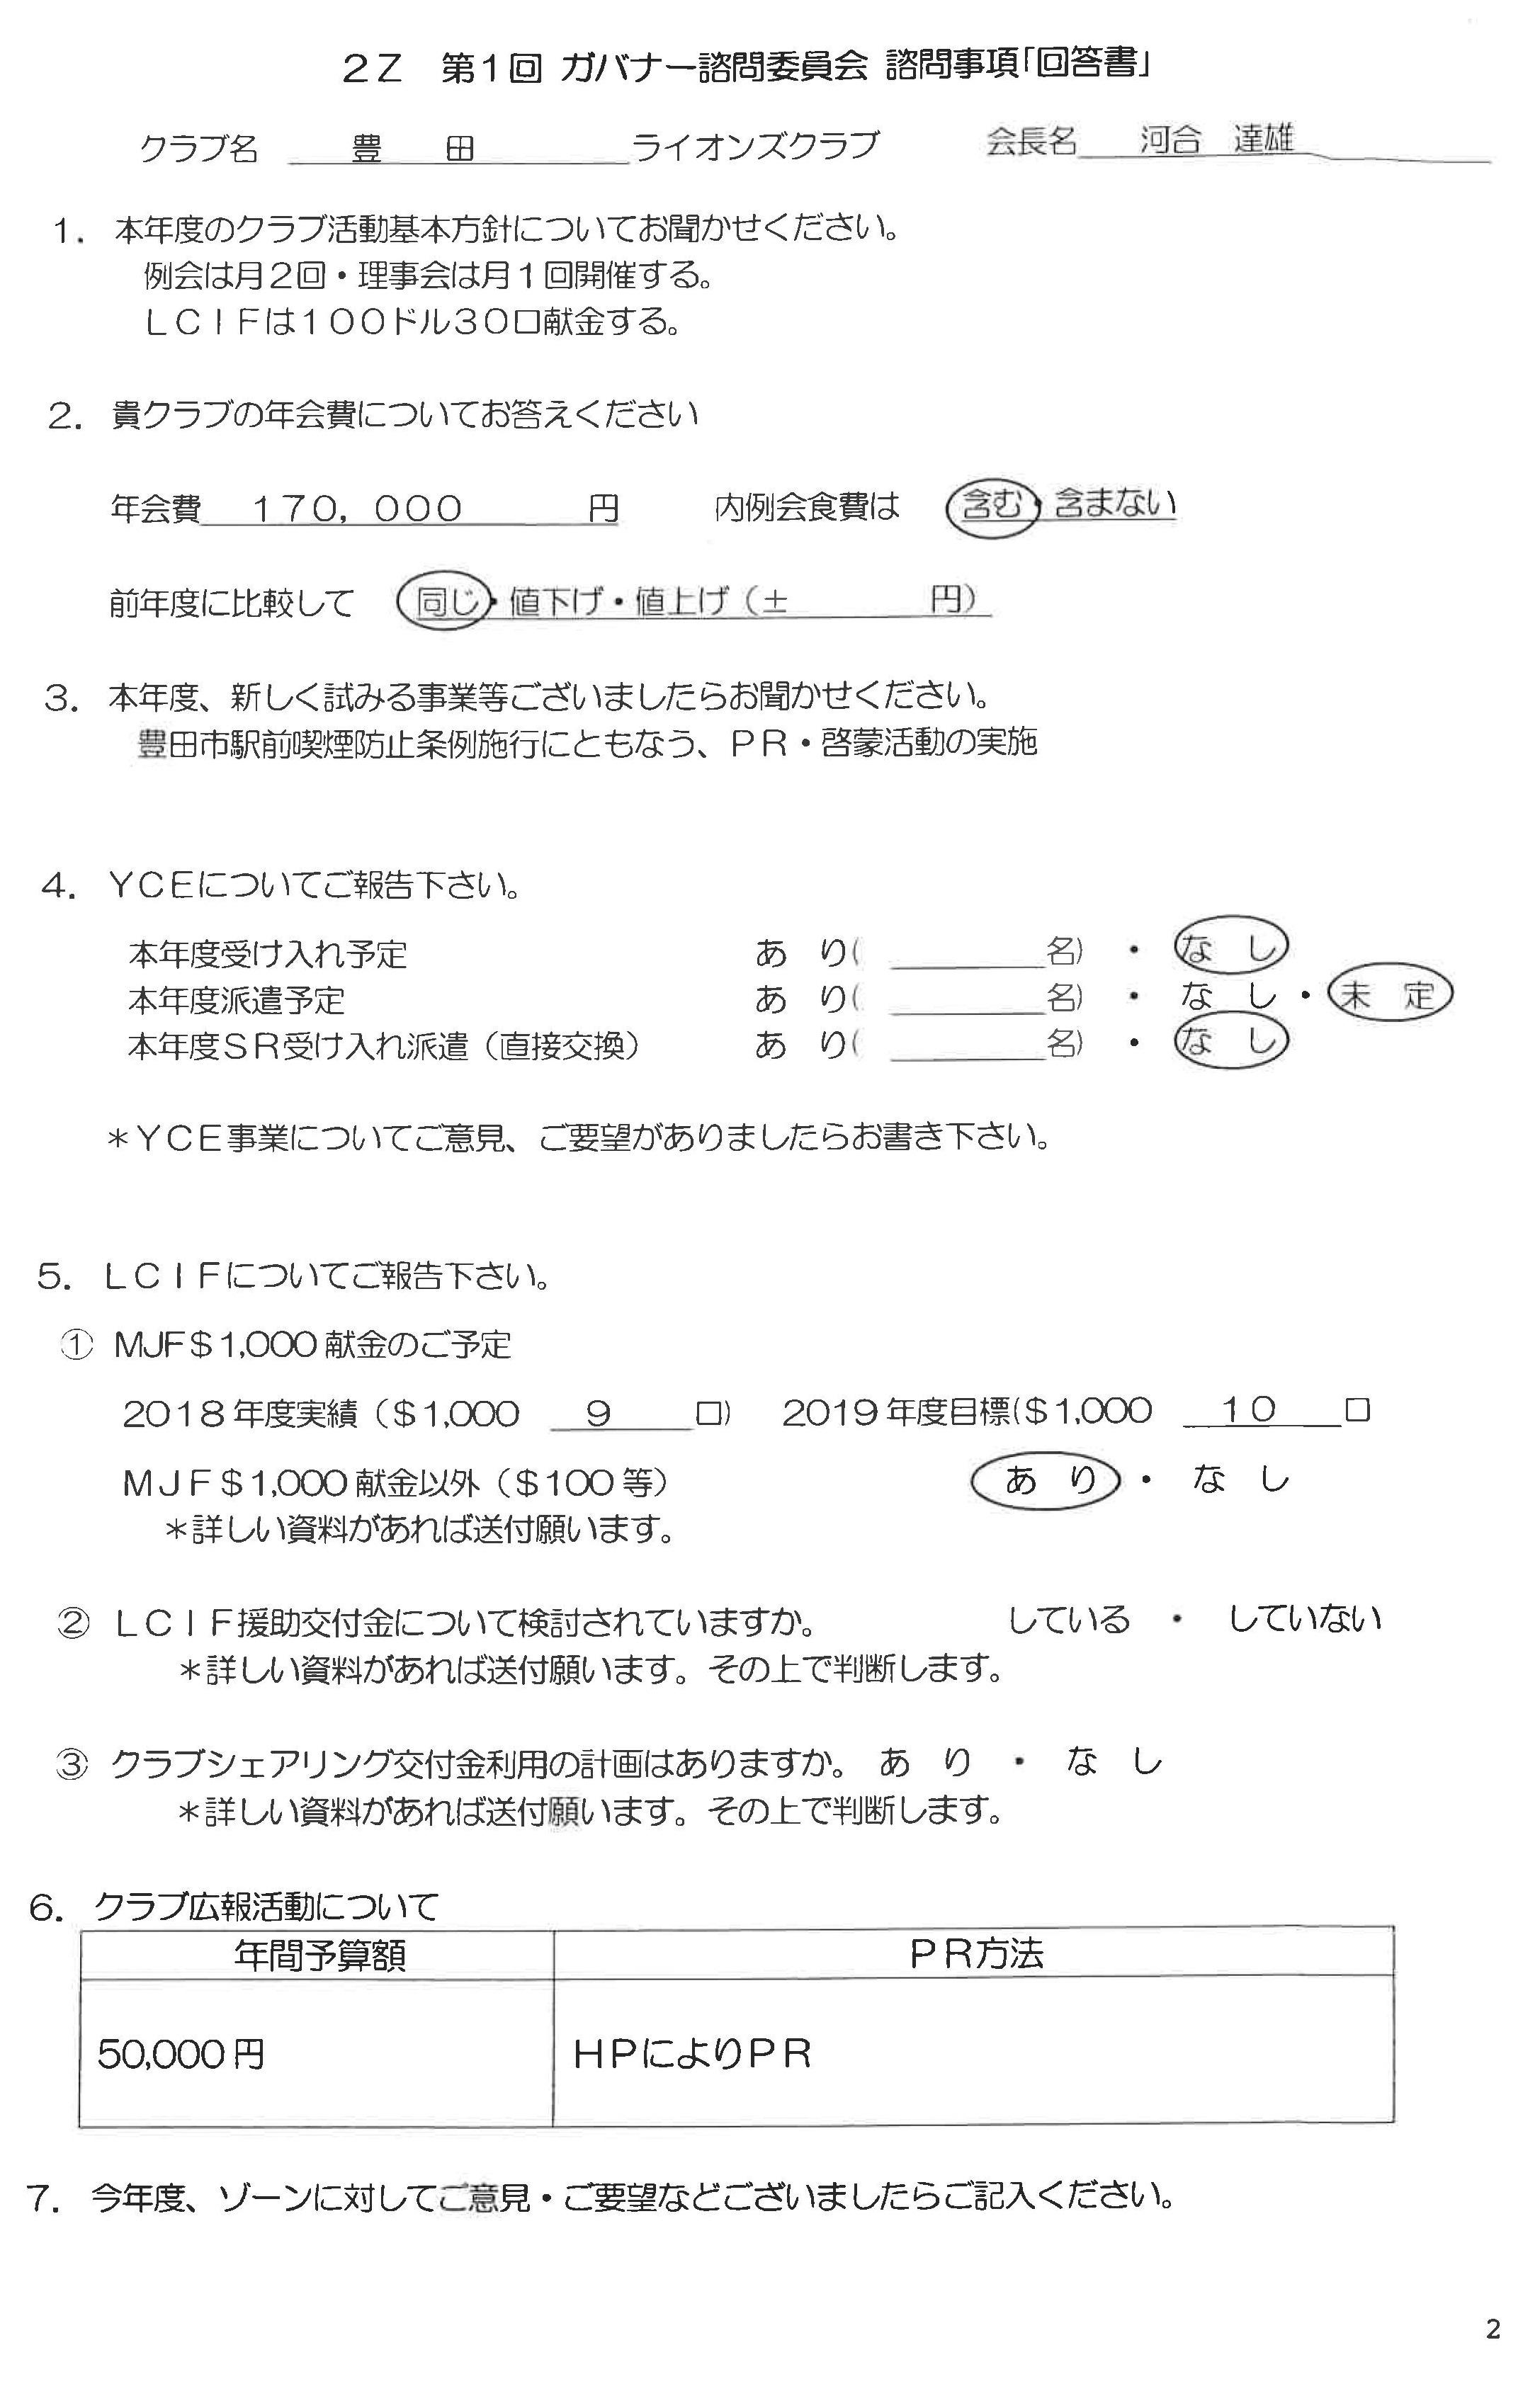 04第1回G諮問委員会Z会議 豊田LC諮問事項(回答書)1